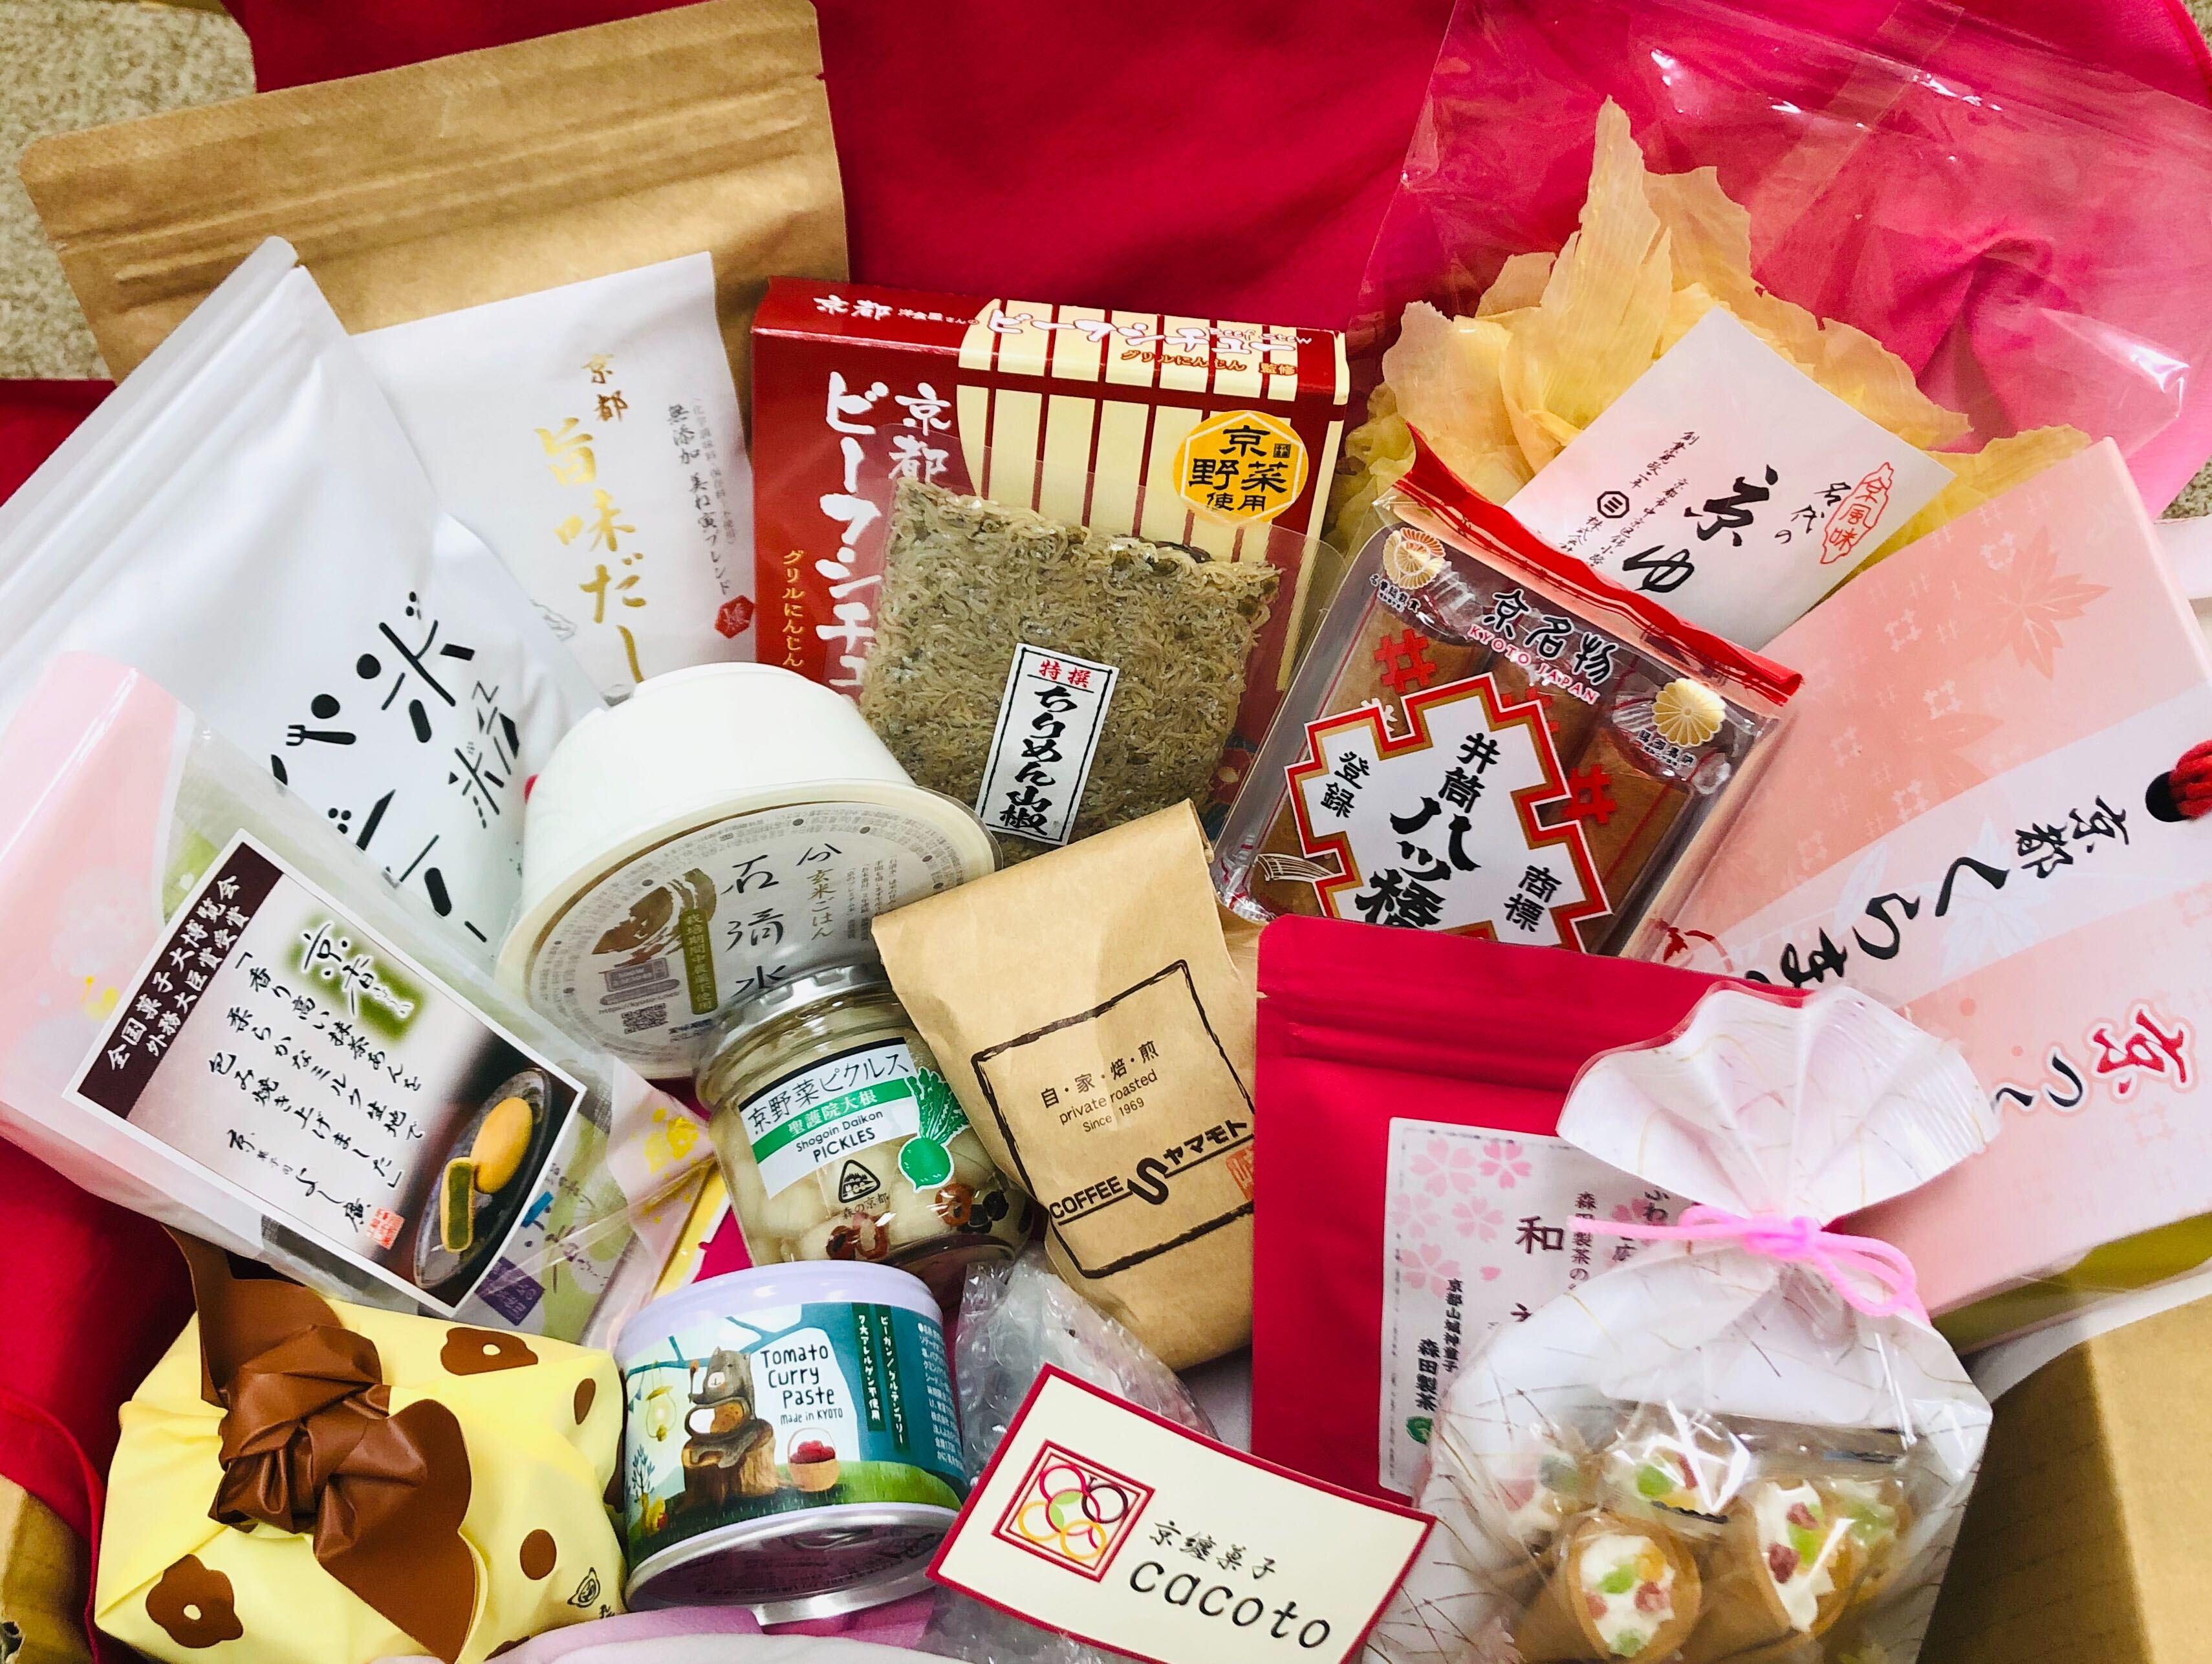 お家で京都を楽しむ「京都ふっこう 復袋」 全国的に有名な銘菓から地元で人気の商品まで